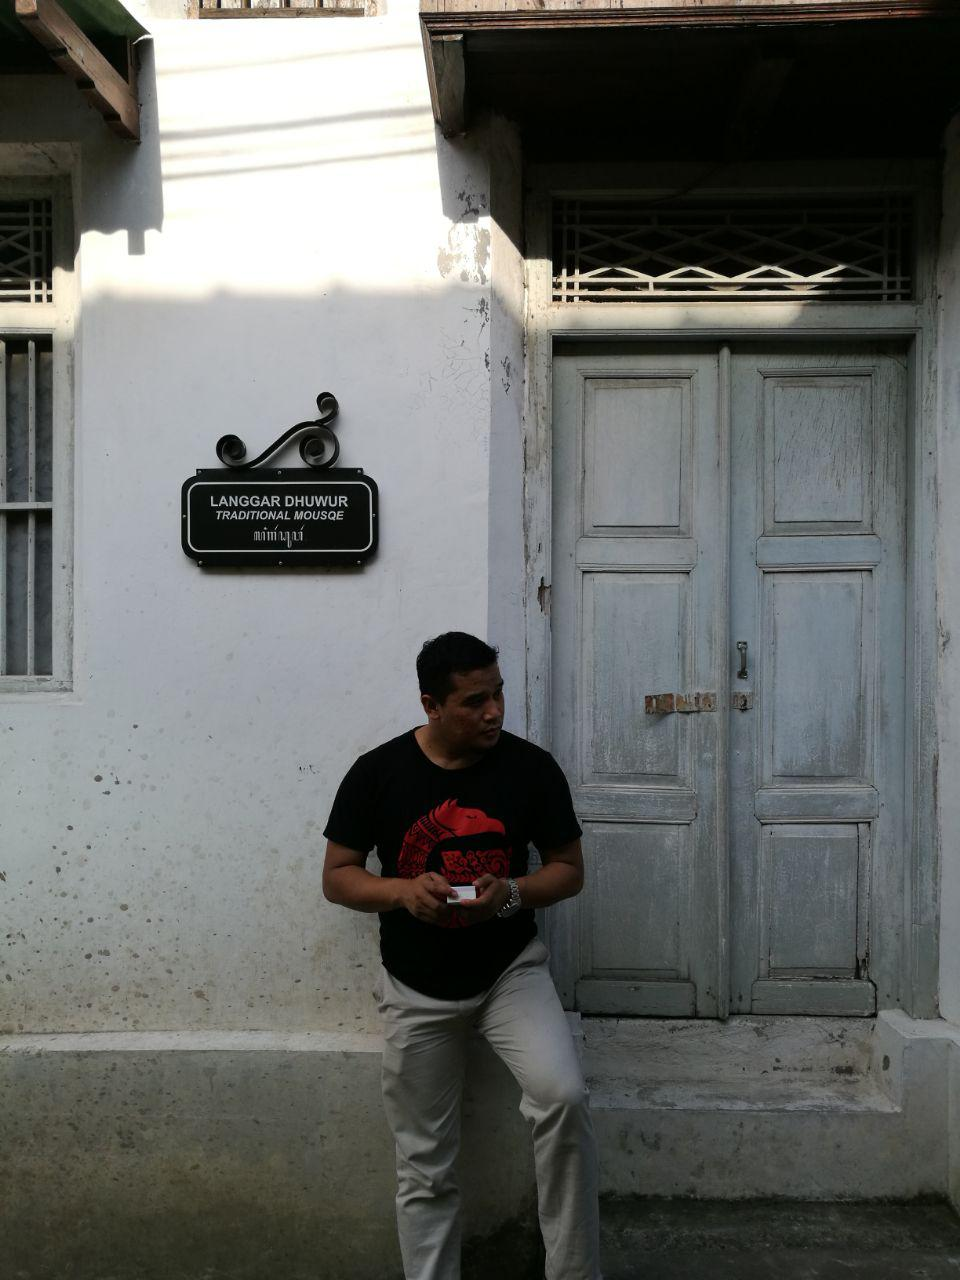 Pintu tua, saksi bisu sejarah tua | by Akhyari Hananto